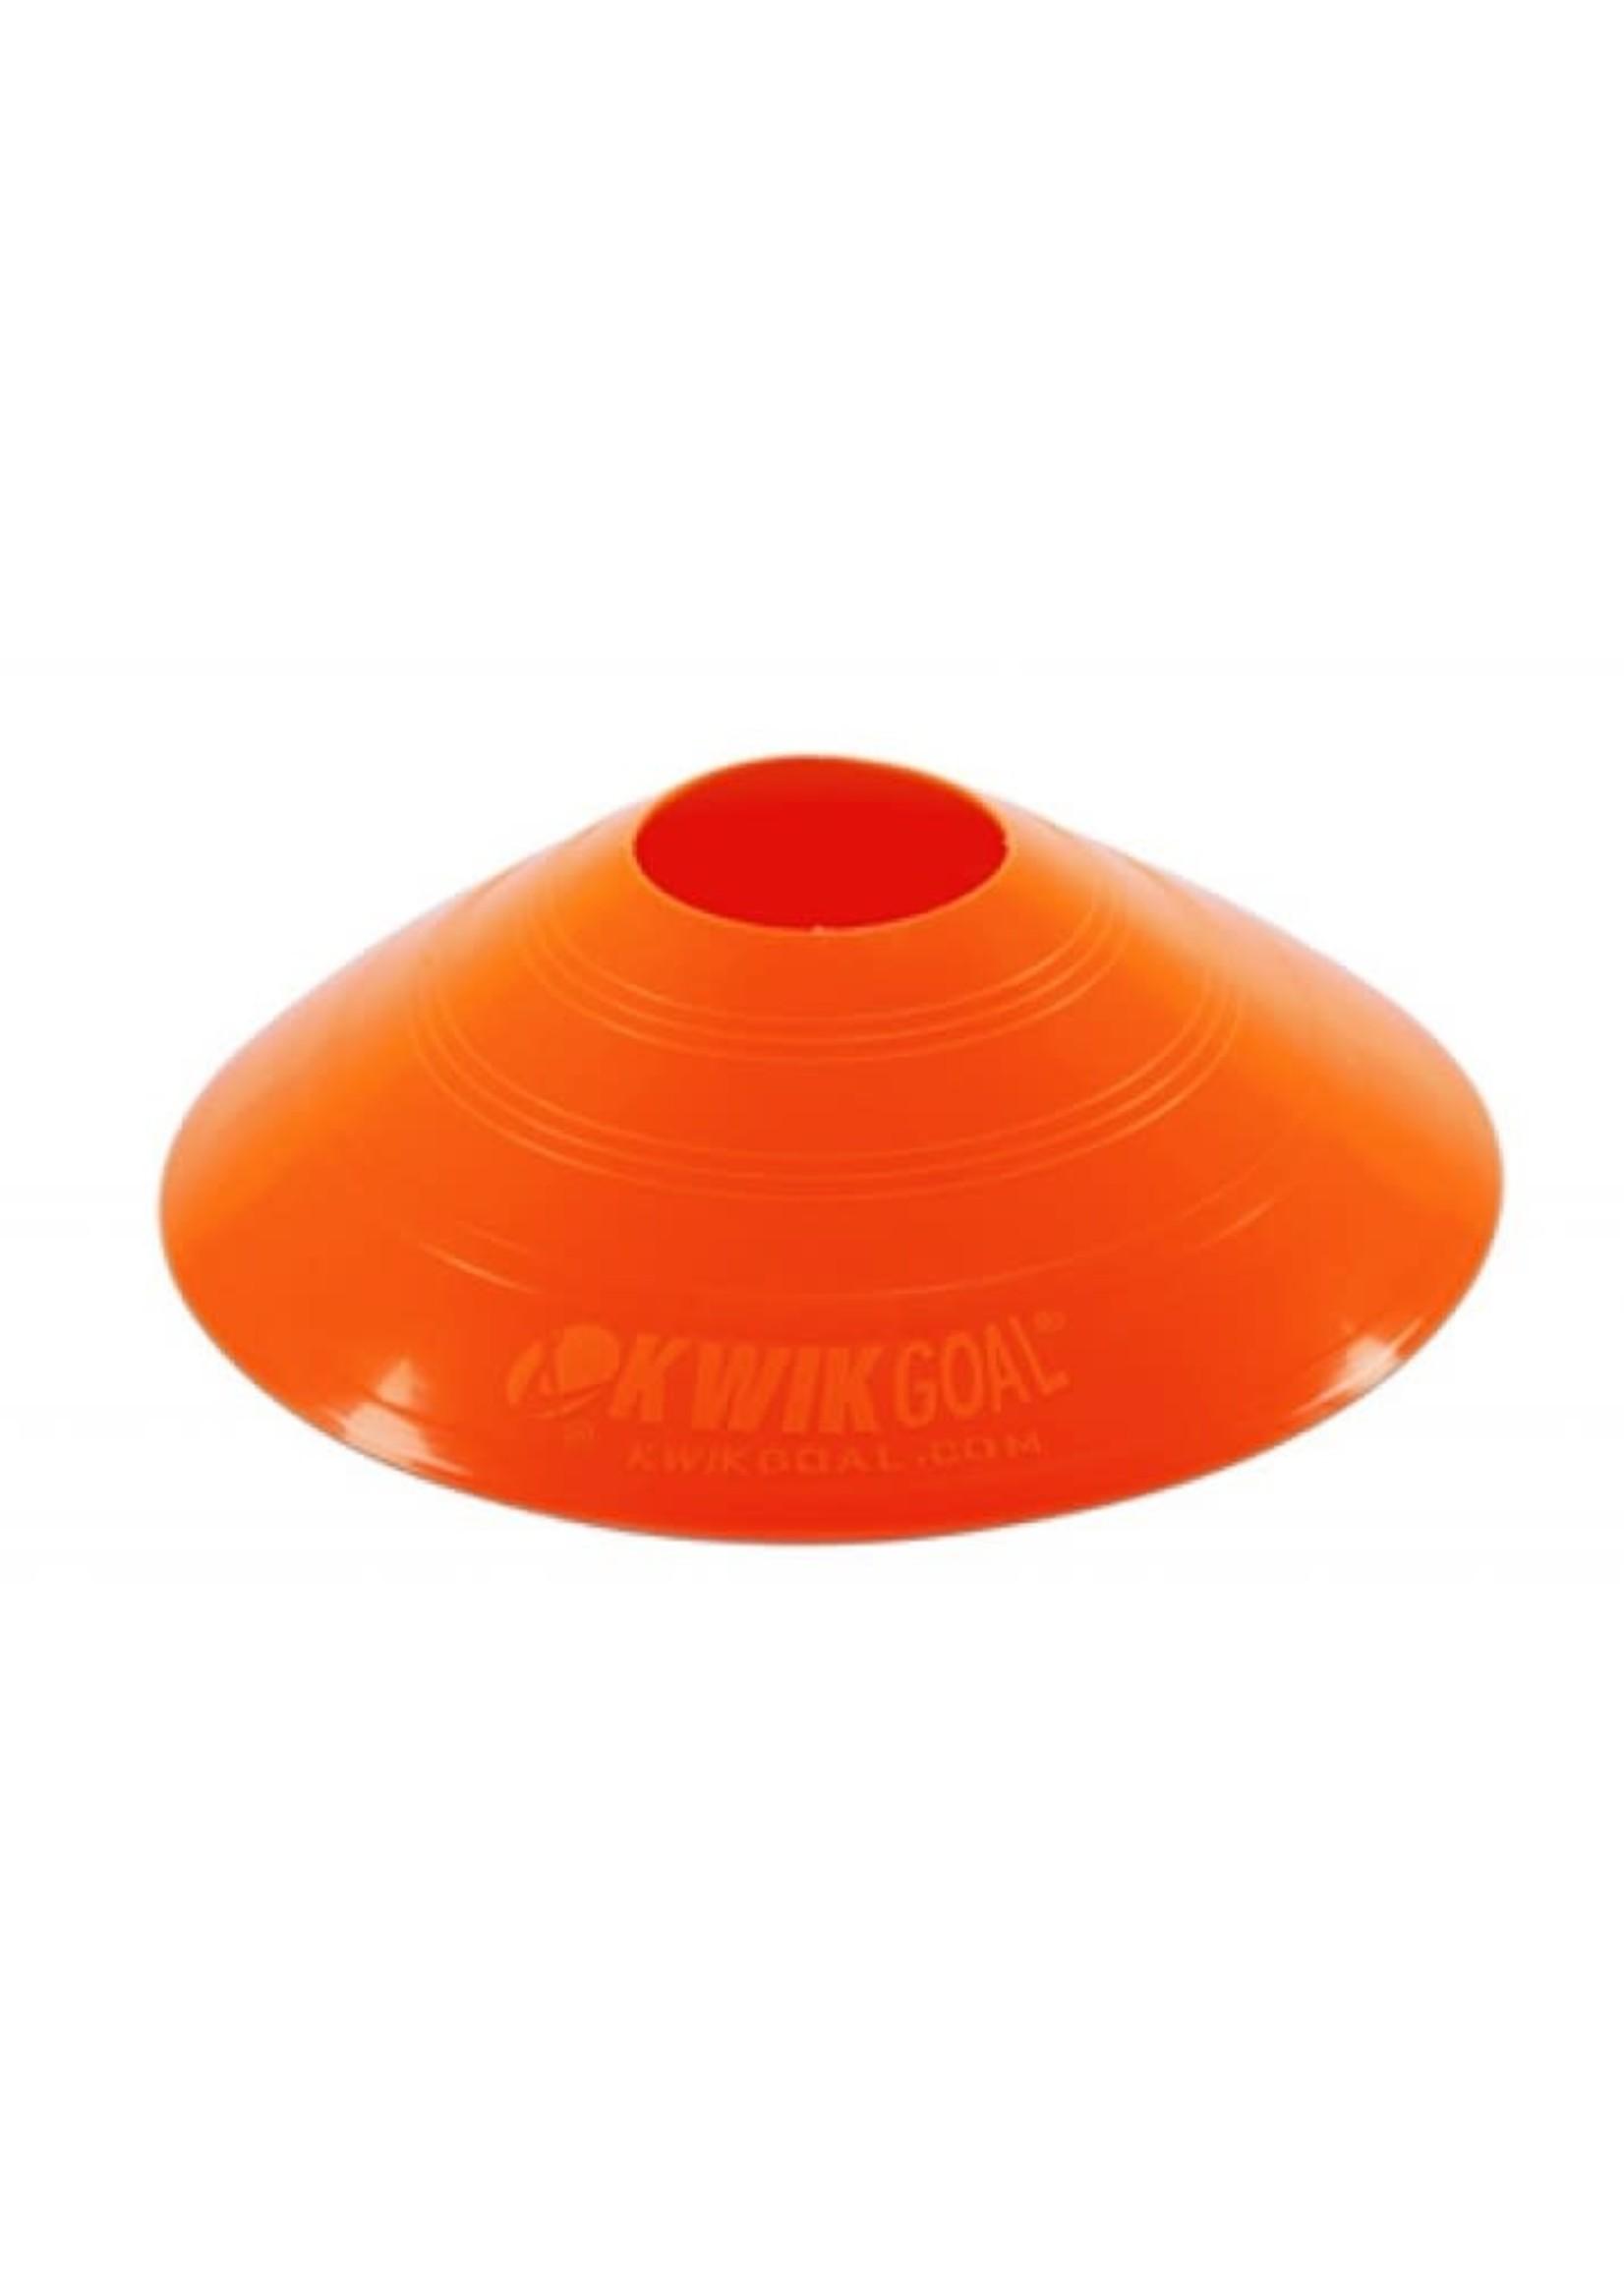 Kwik Goal Disc Cones Orange